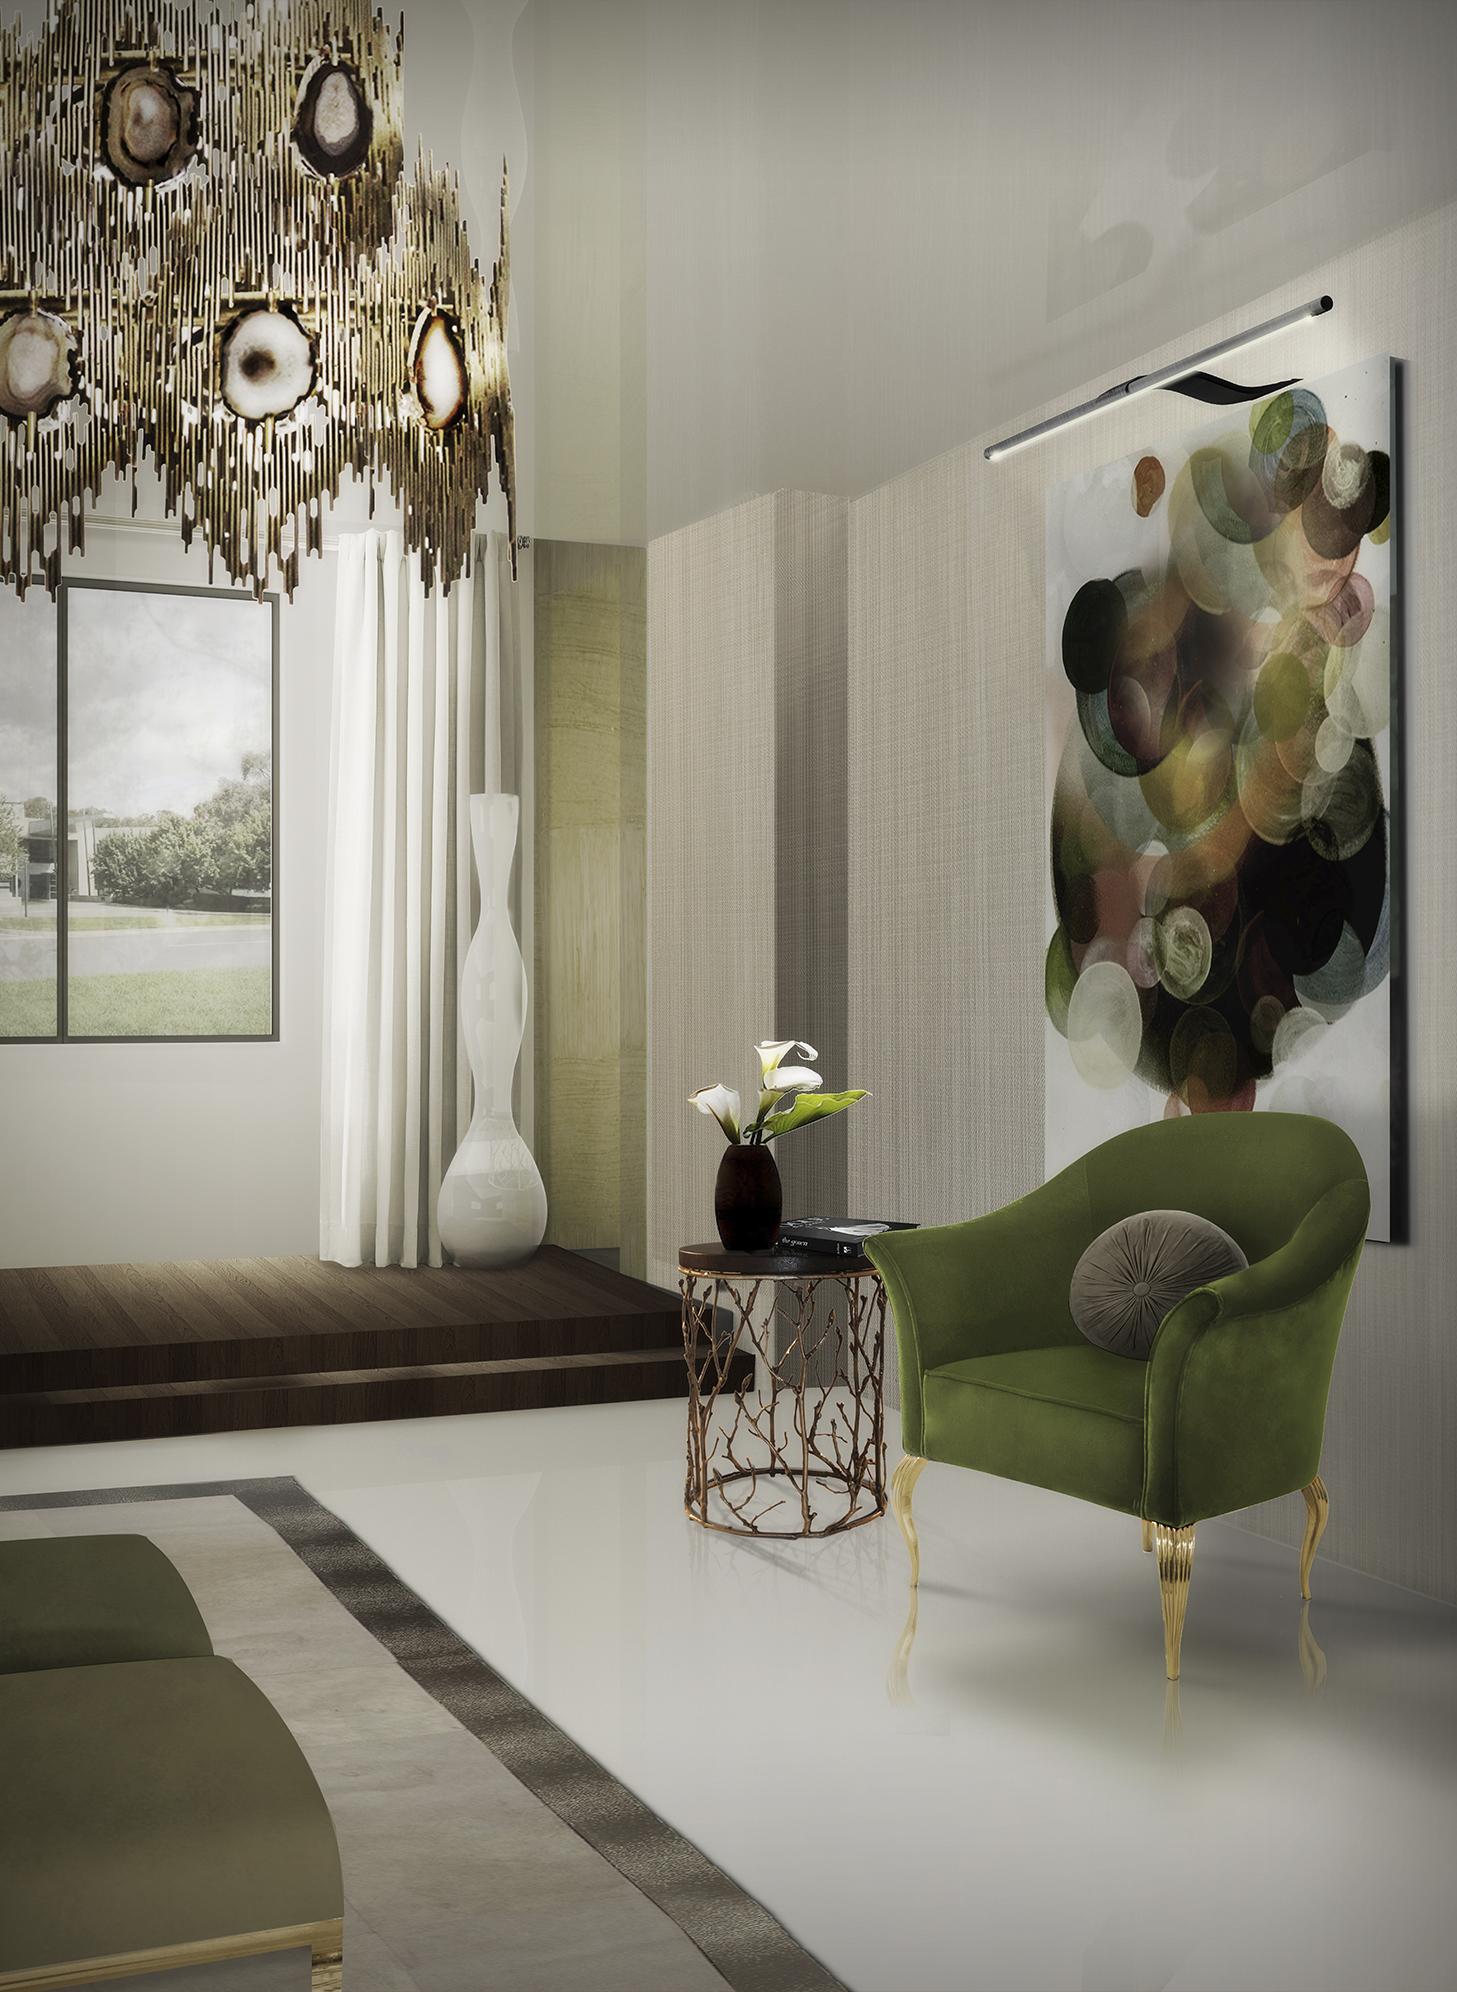 vivre-2rings-chandelier-mimi-chair-kiki-side-table-koket-projects.jpg